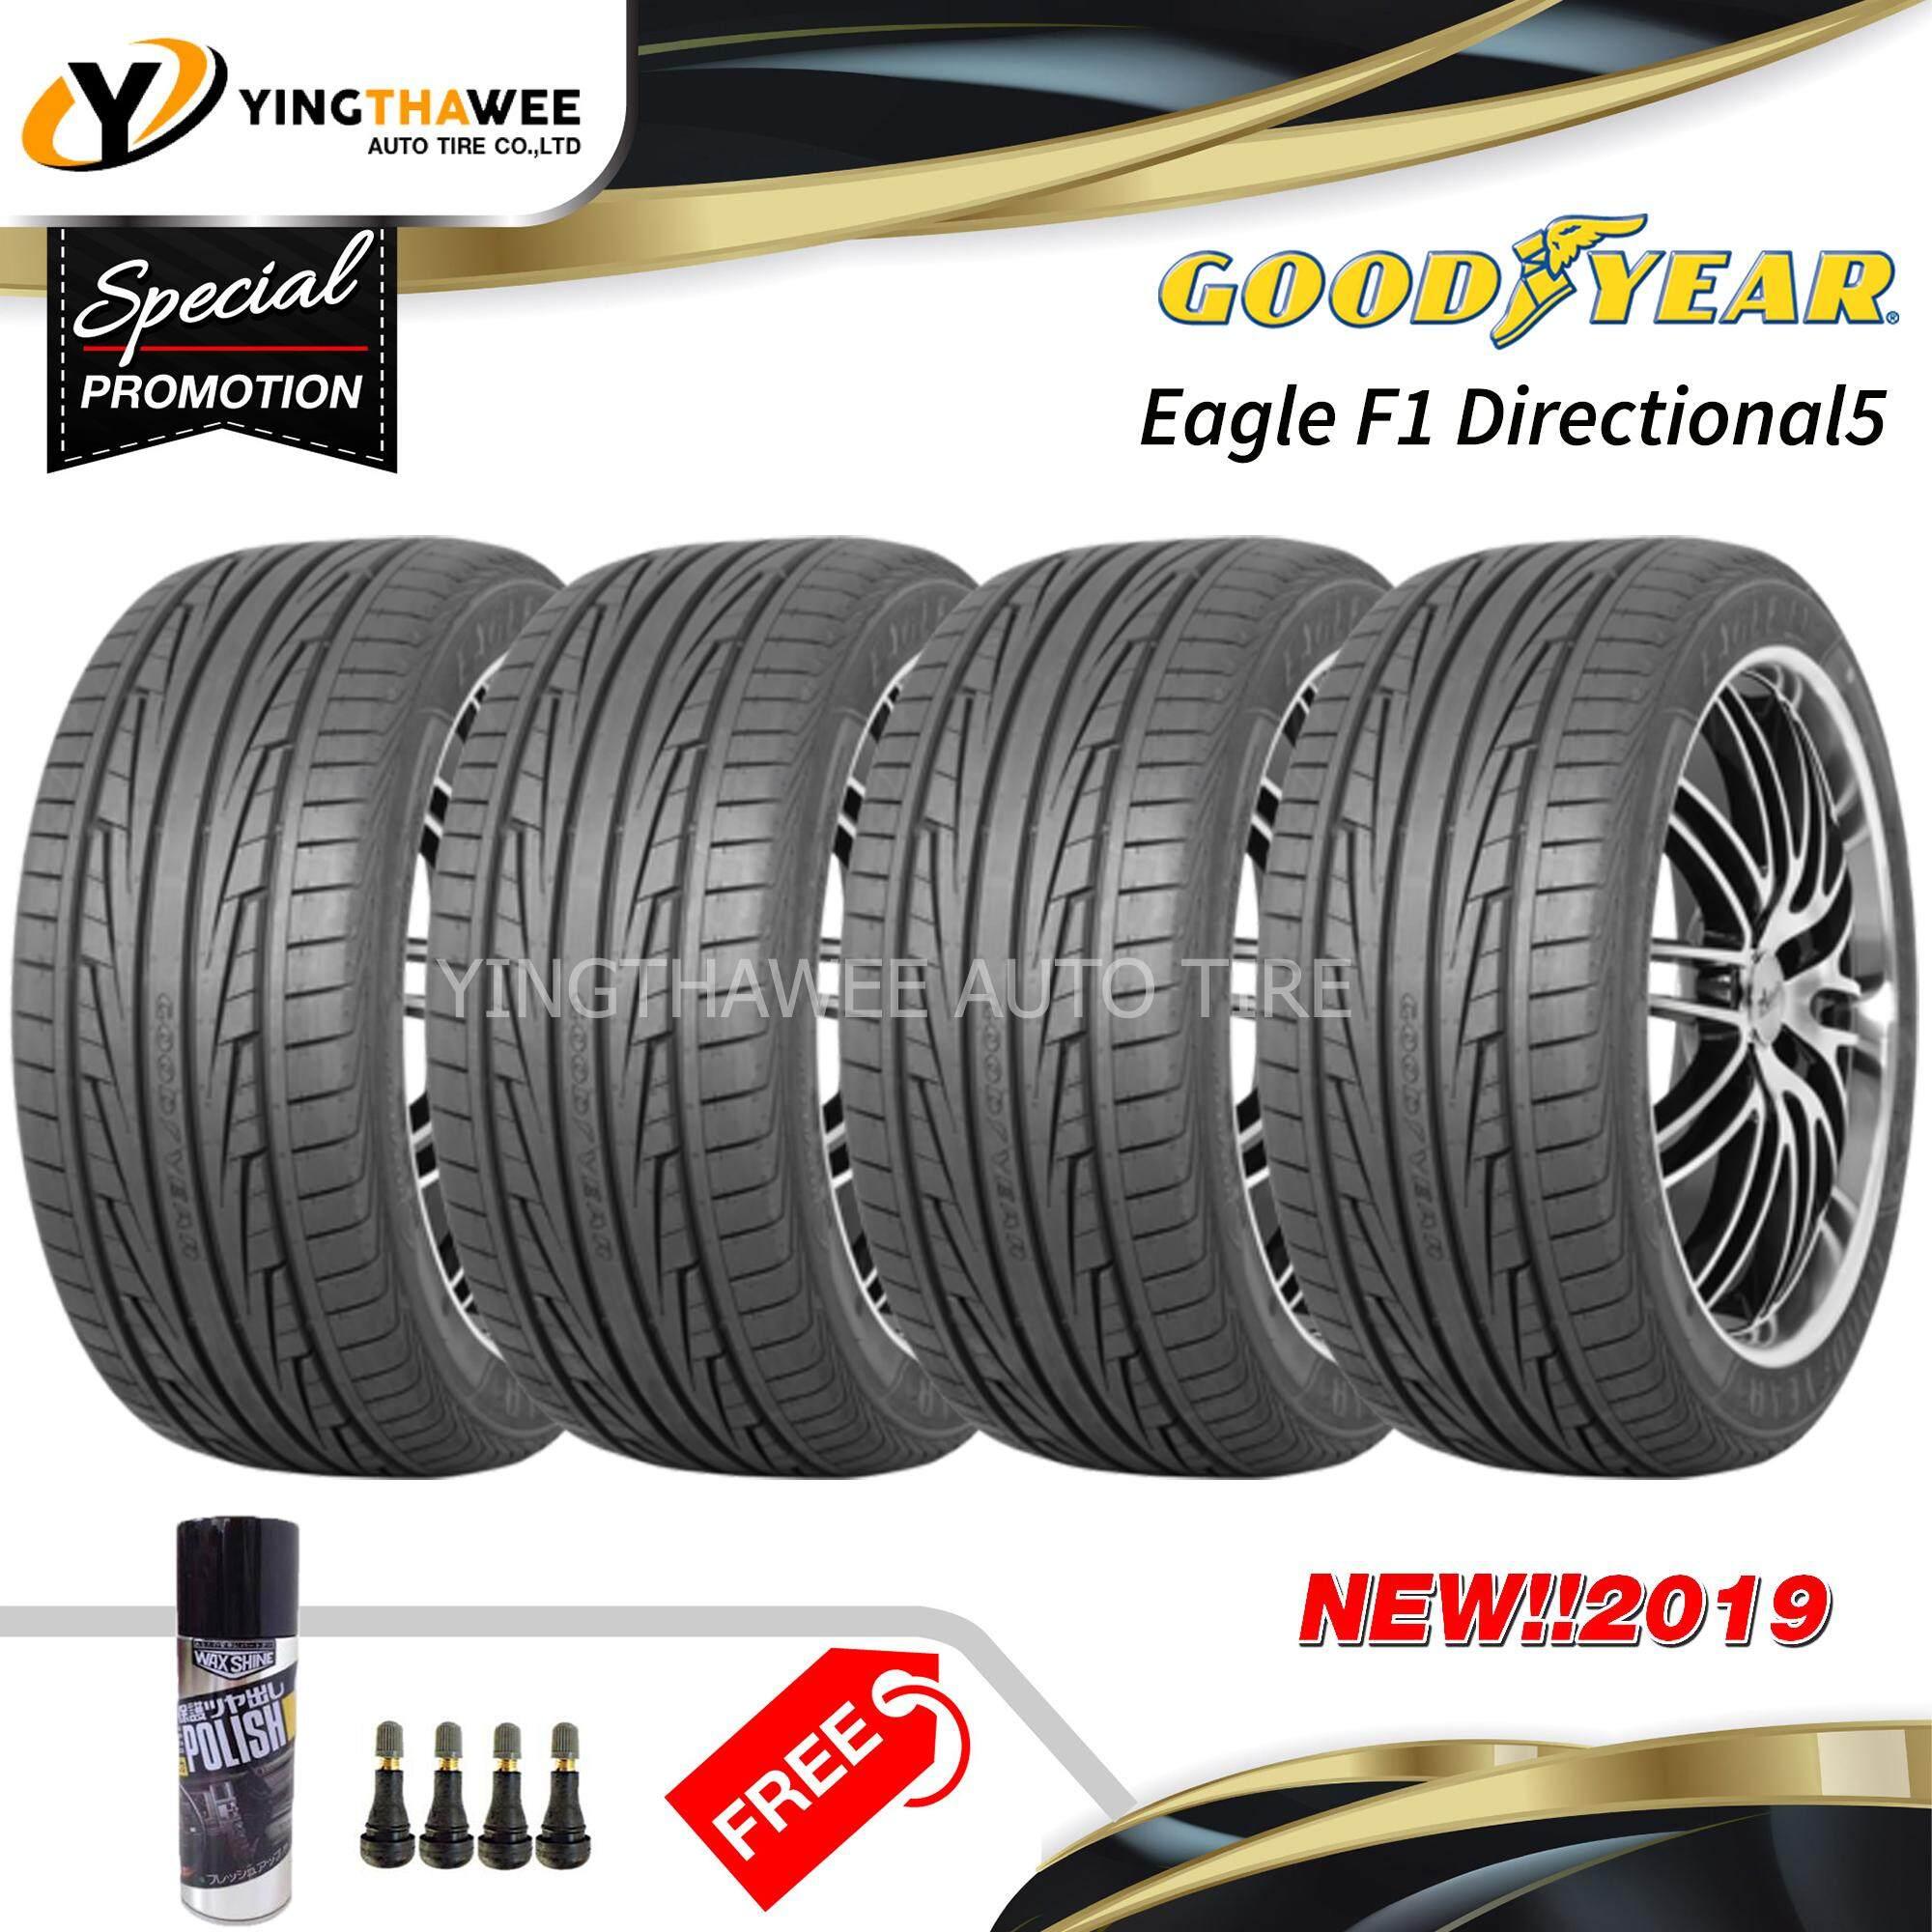 ประกันภัย รถยนต์ ชั้น 3 ราคา ถูก พิจิตร GOODYEAR ยางรถยนต์ 215/50R17 รุ่น Eagle F1 Directional5  4 เส้น (ปี 2019) แถม Wax Shine 420 ml. 1 กระป๋อง + จุ๊บลมยางหัวทองเหลือง 4 ตัว